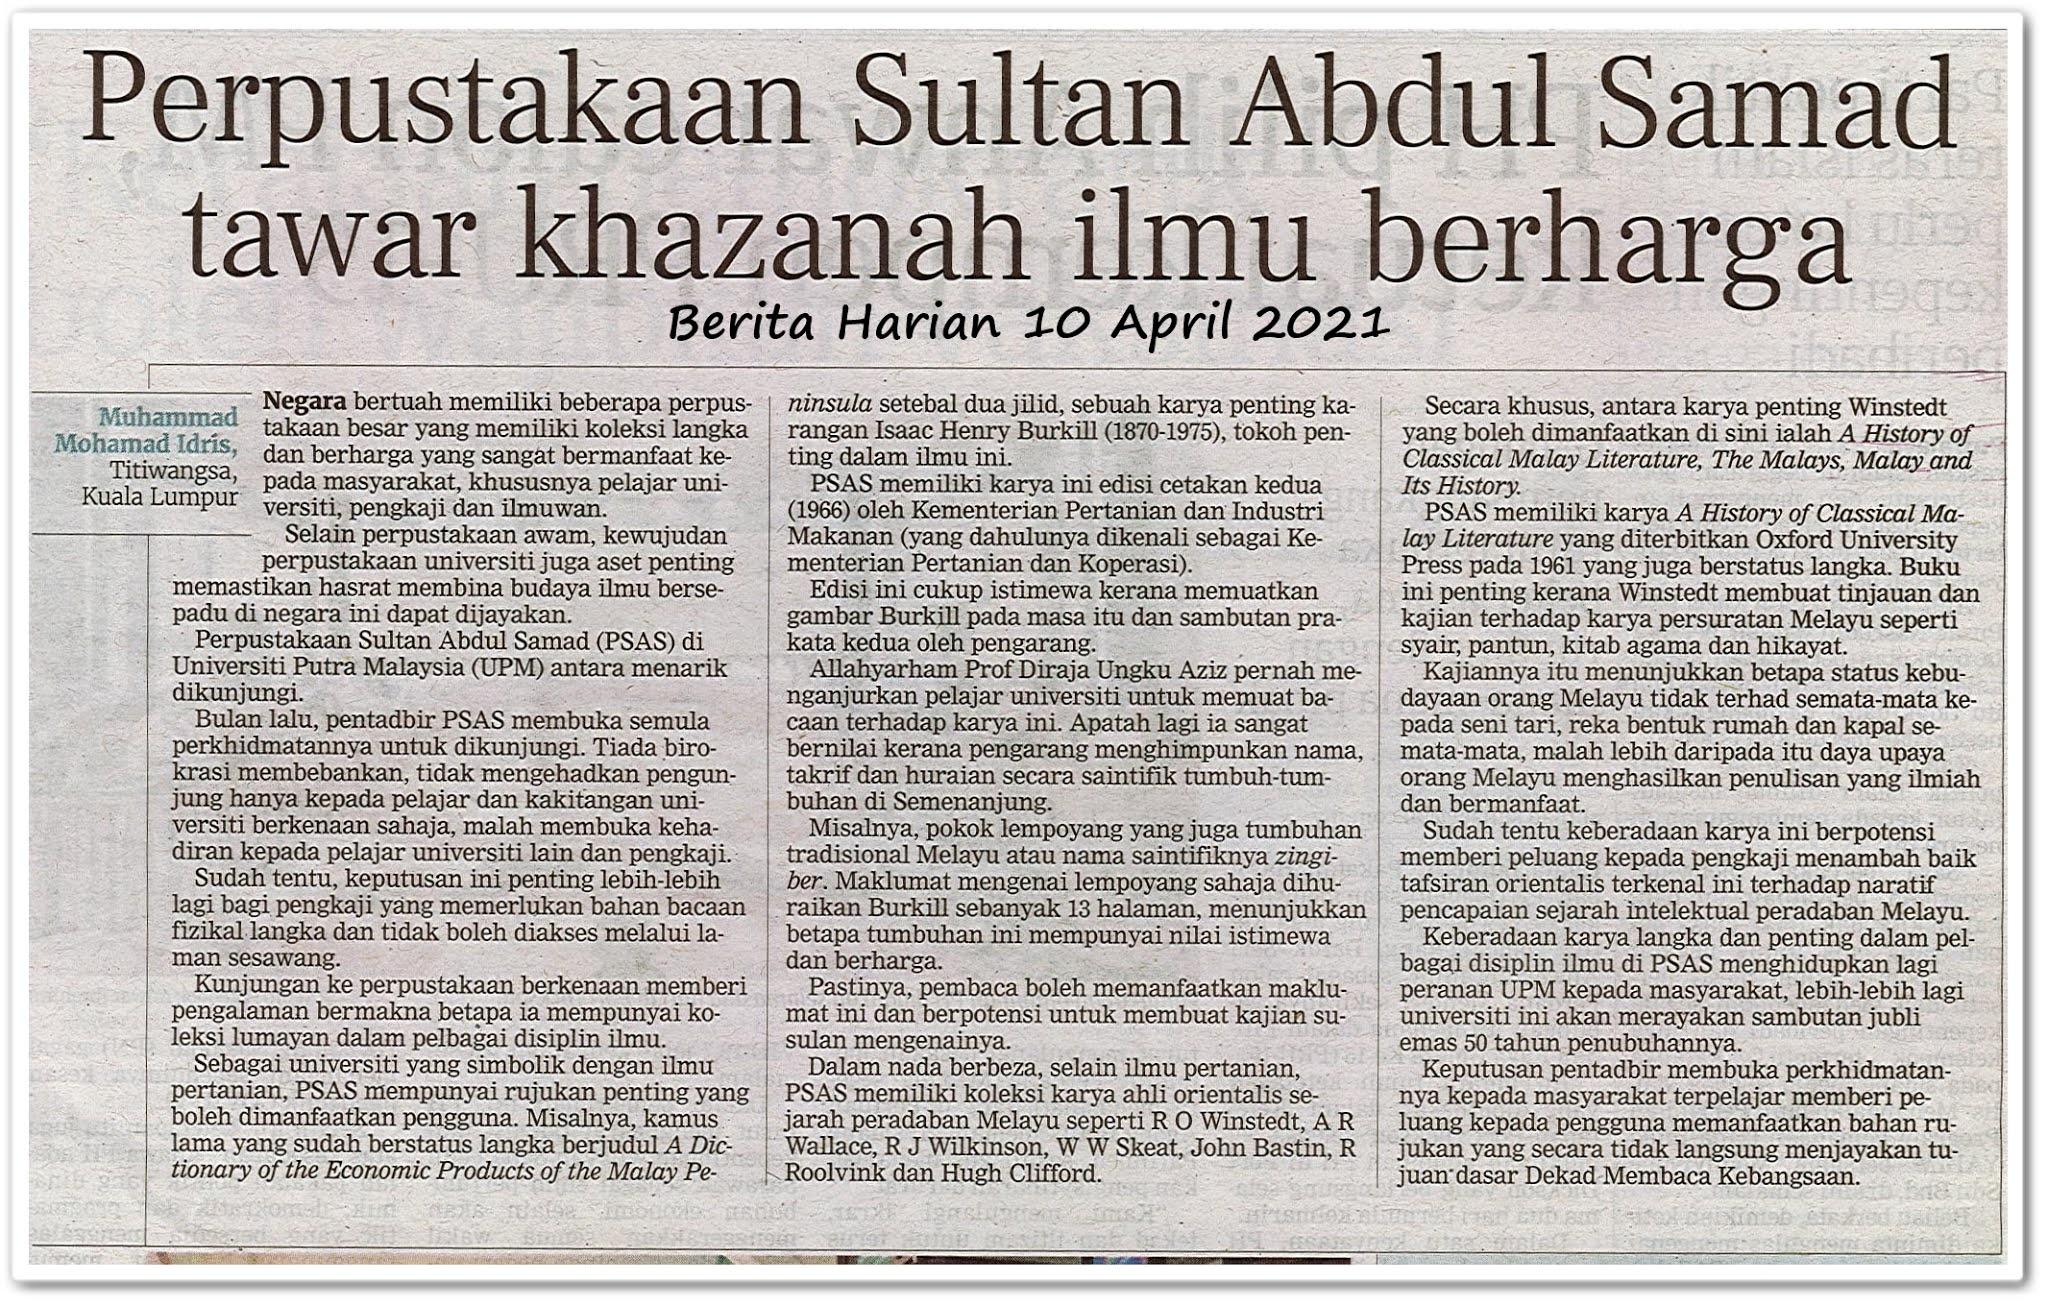 Perpustakaan Sultan Abdul Samad tawar khazanah ilmu berharga - Keratan akhbar Berita Harian 10 April 2021